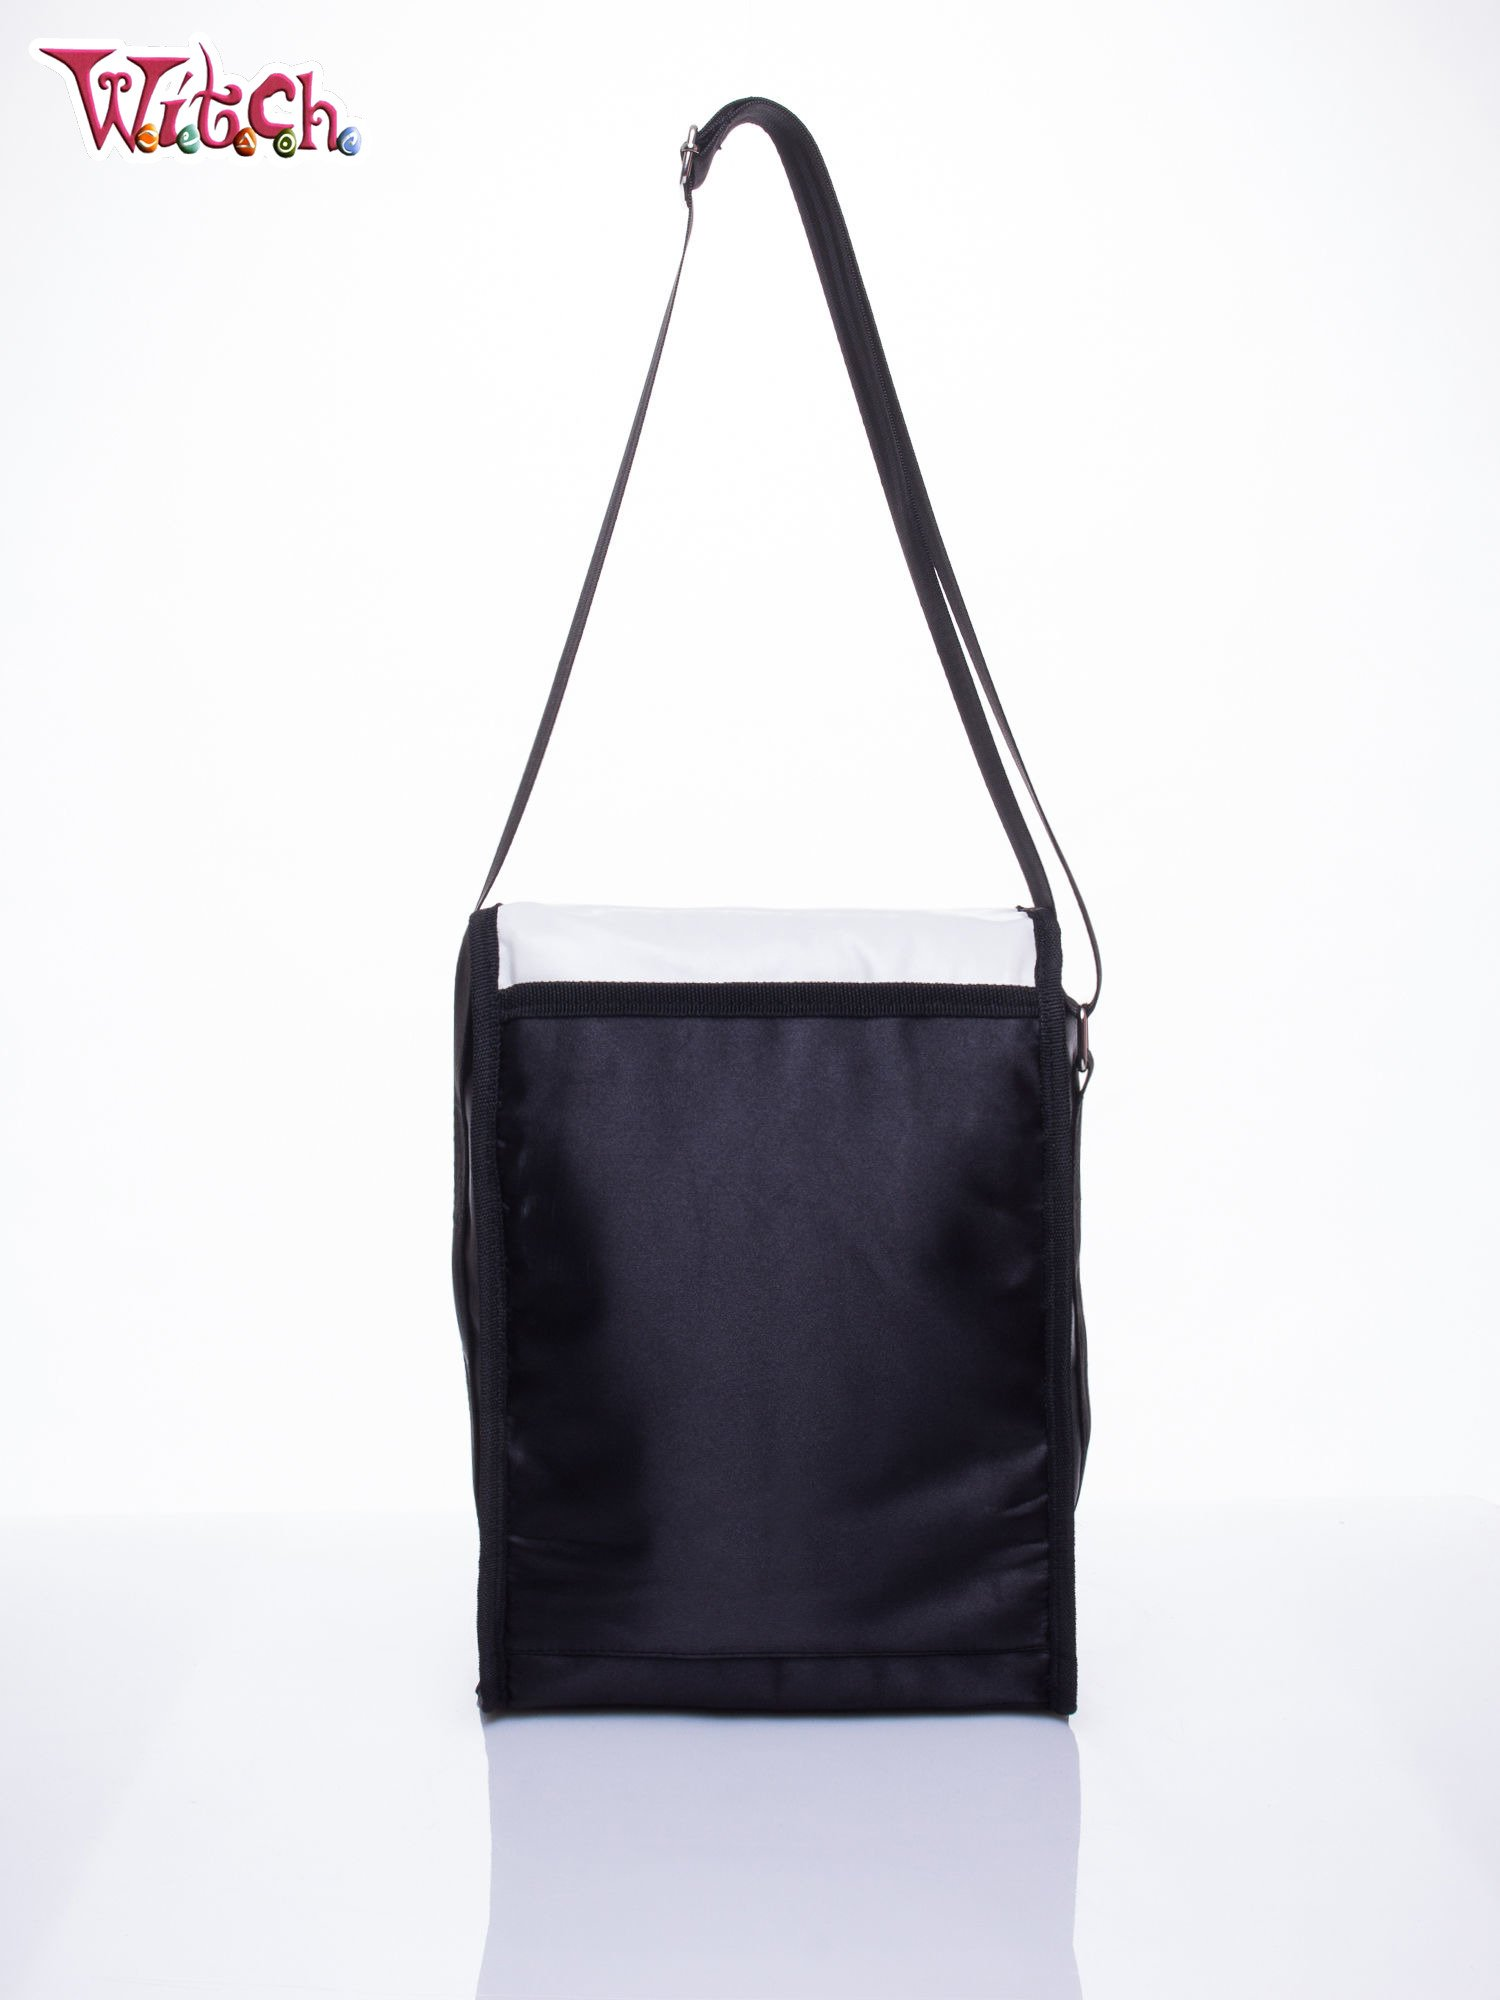 Czarna pionowa torba szkolna DISNEY Witch                                  zdj.                                  3